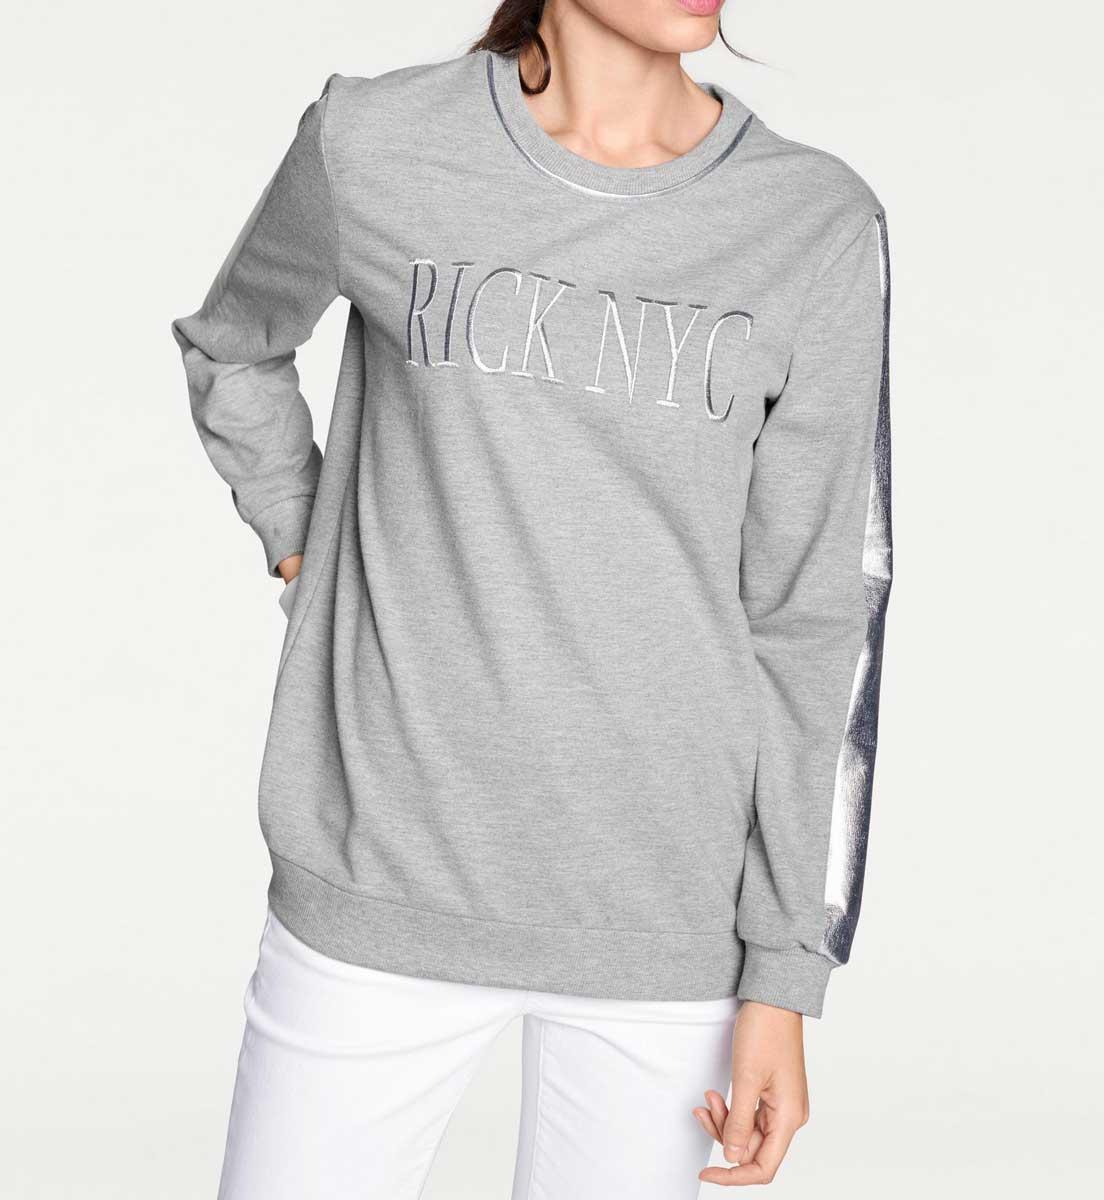 sweatshirts auf rechnung Sweatshirt, grau-melange von Rick Cardona Grösse 38 010.252 MISSFORTY